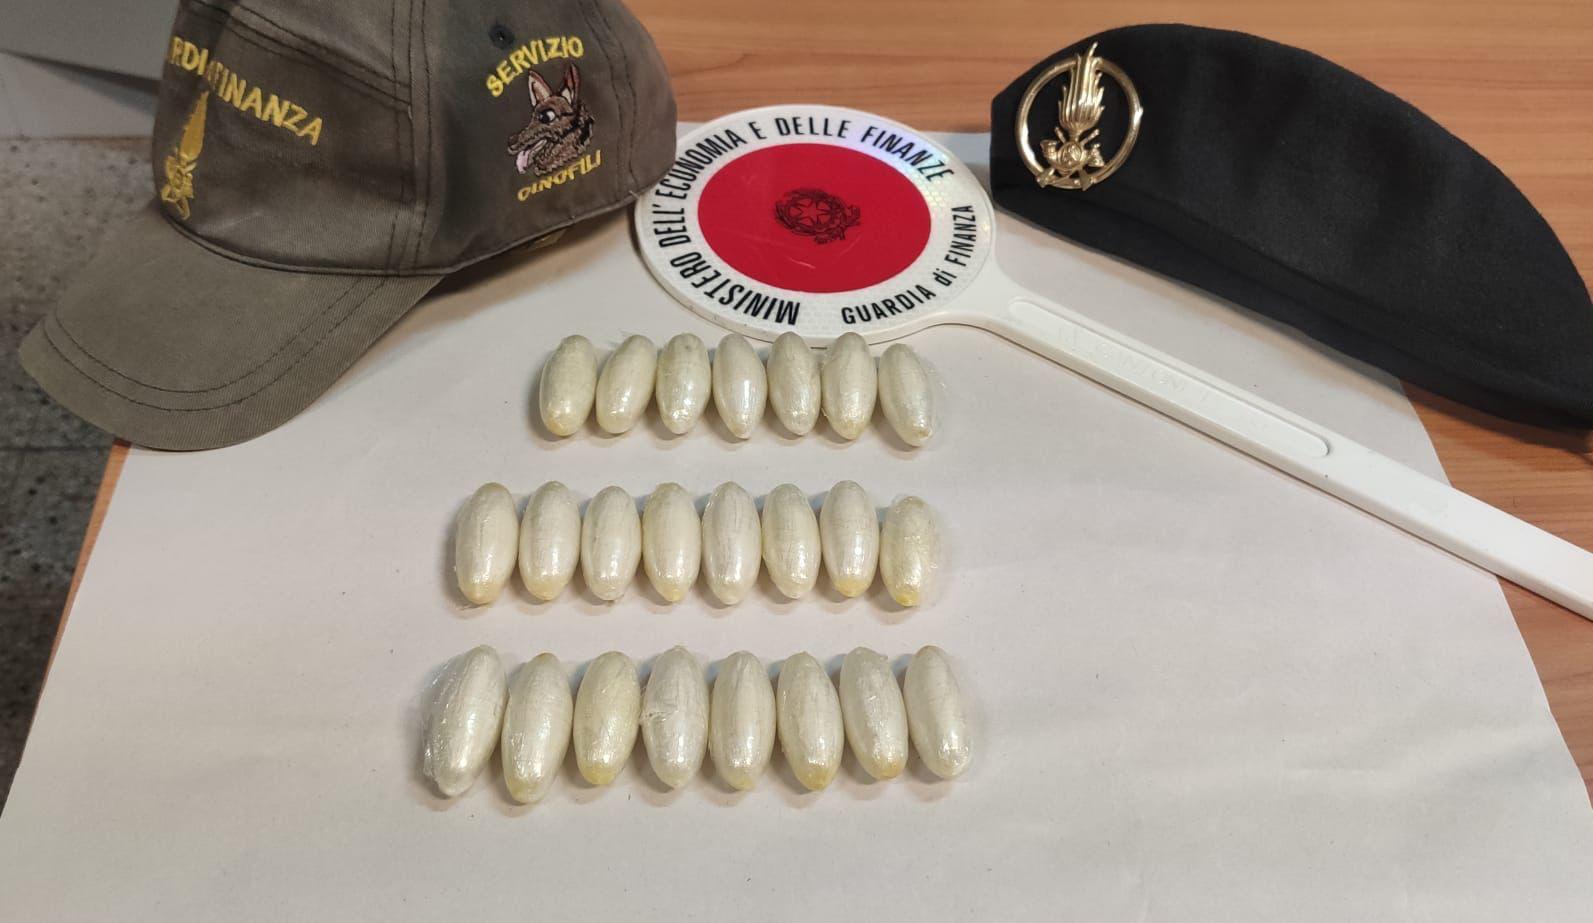 Fermato al porto dalla Finanza con 23 ovuli di eroina appena ingeriti